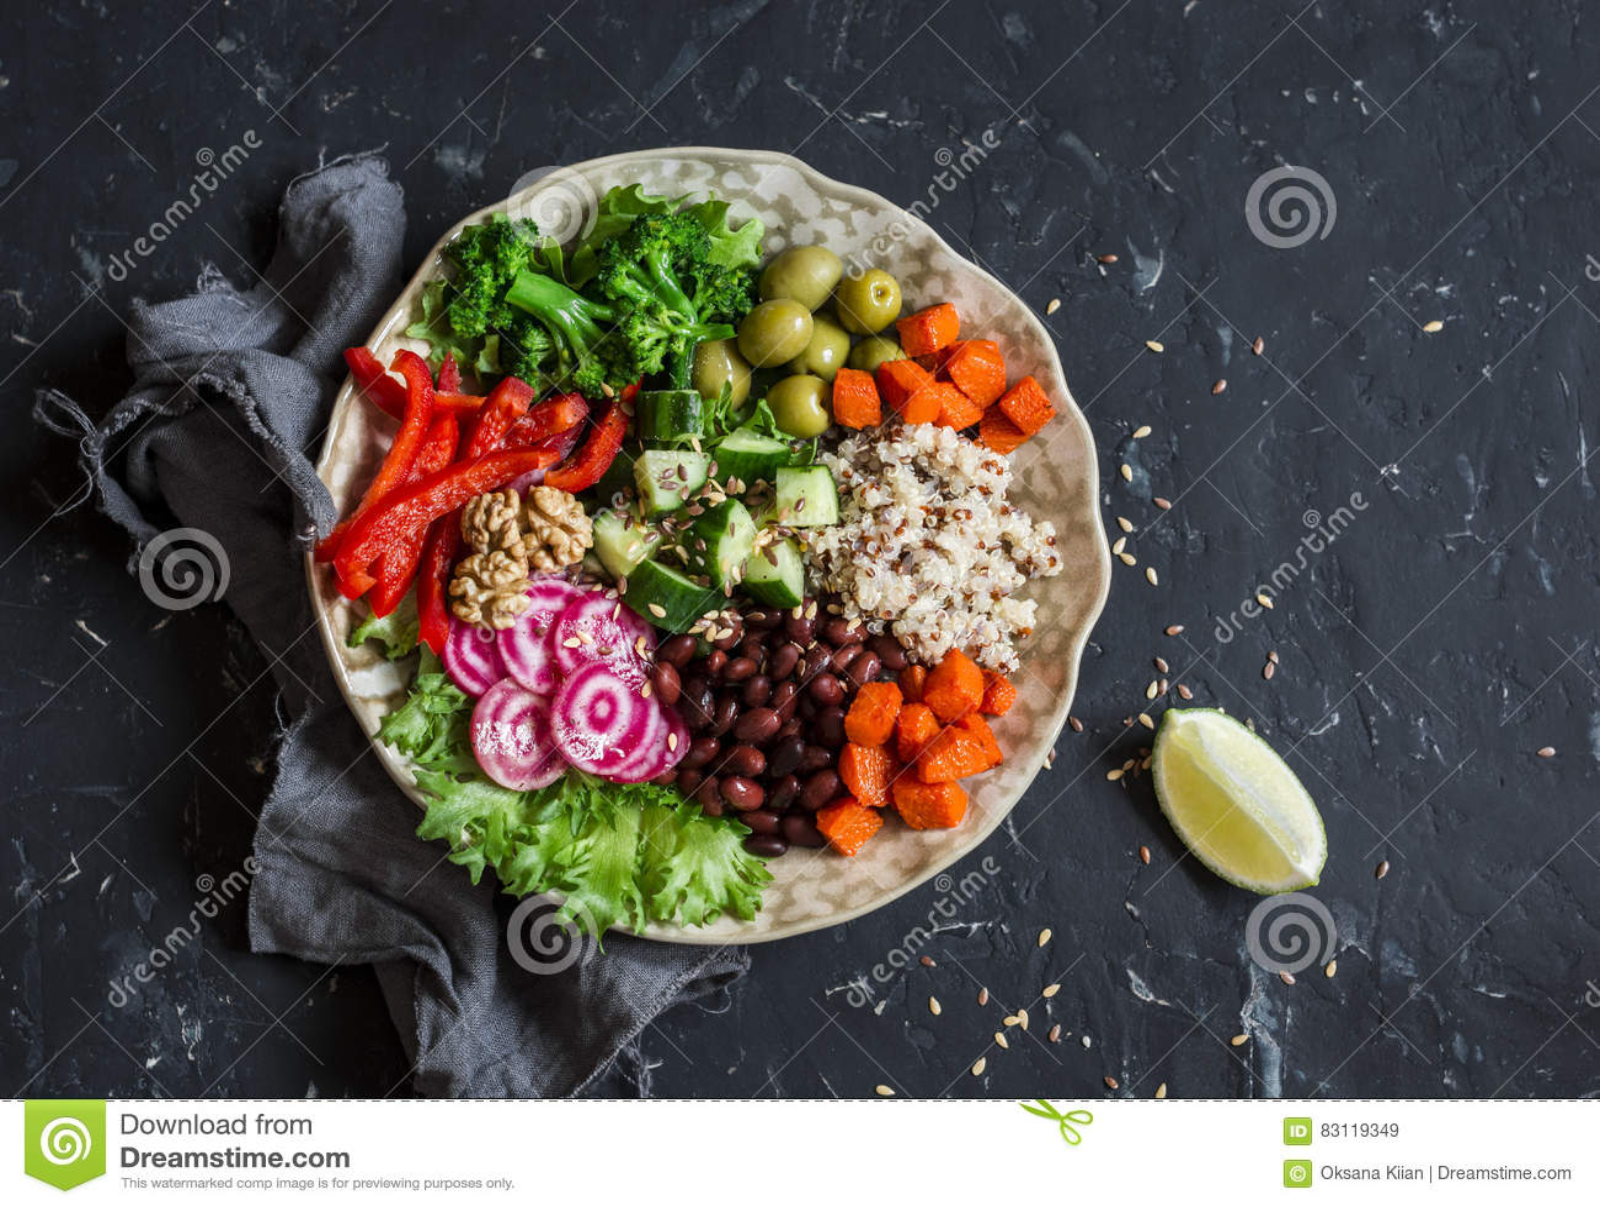 Vegetarische Lebensmittelschüssel Quinoa, Bohnen, Süßkartoffeln, Brokkoli, Pfeffer, Oliven, Gurke, Nüsse - gesundes Mittagessen A